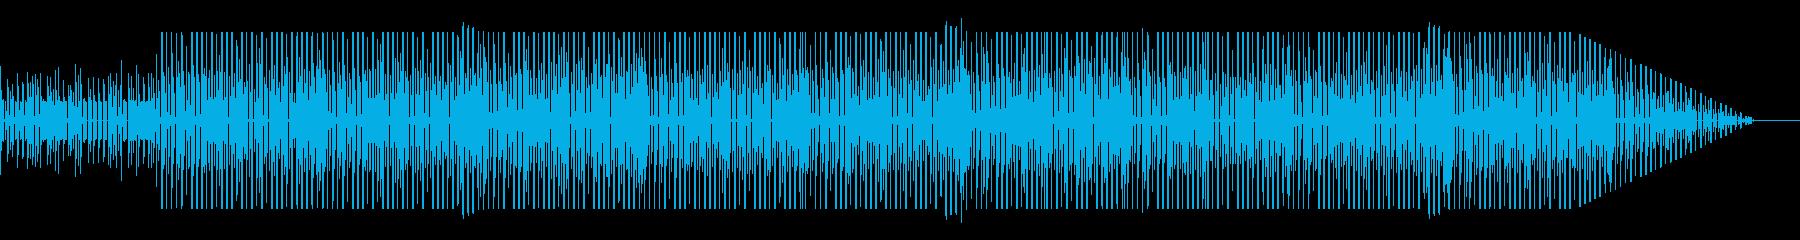 電気/電子機器。弾力があり、フレン...の再生済みの波形